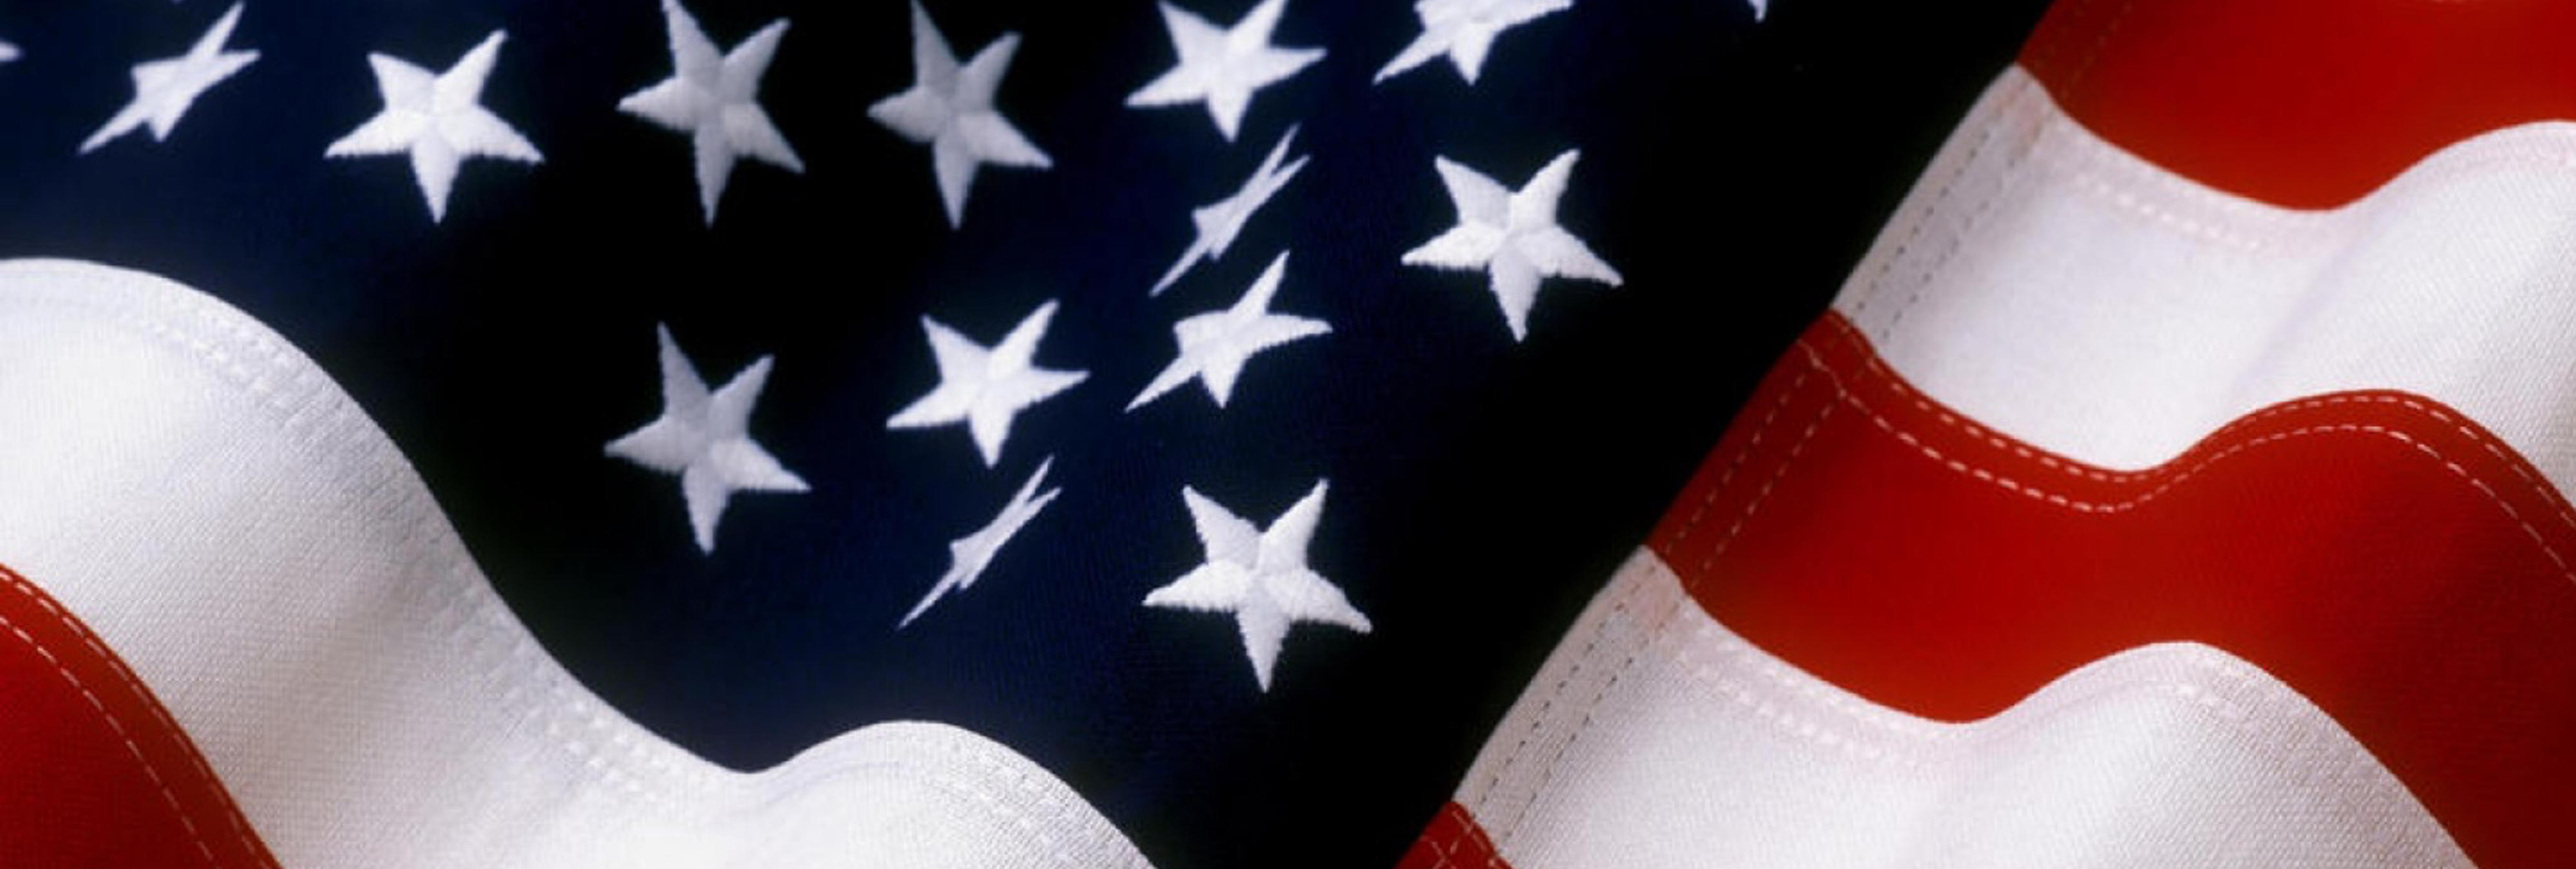 Herido un congresista republicano en un tiroteo en Virginia (EEUU)